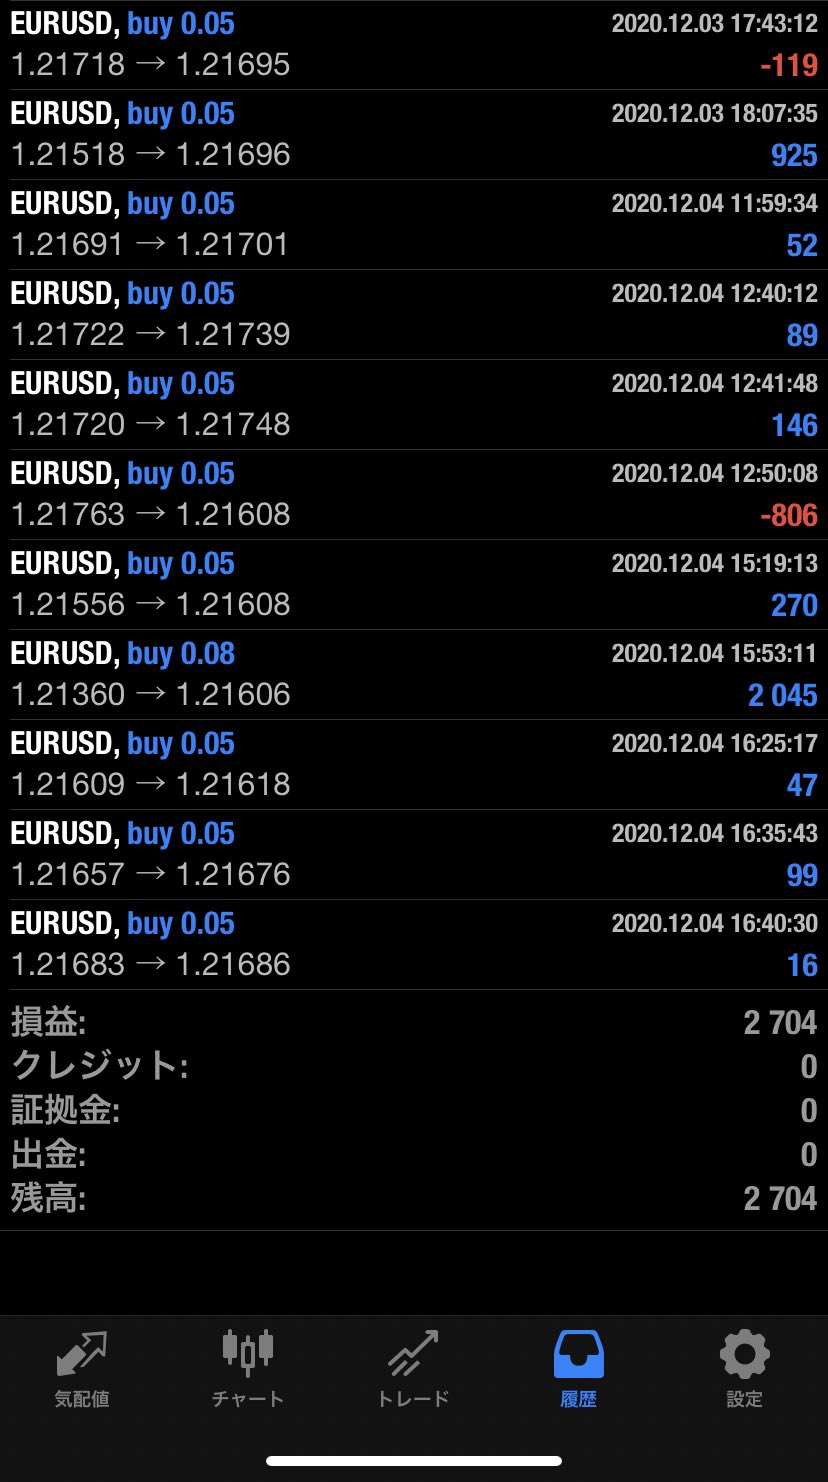 2020年12月4日 EUR/USDバージョン2,704円